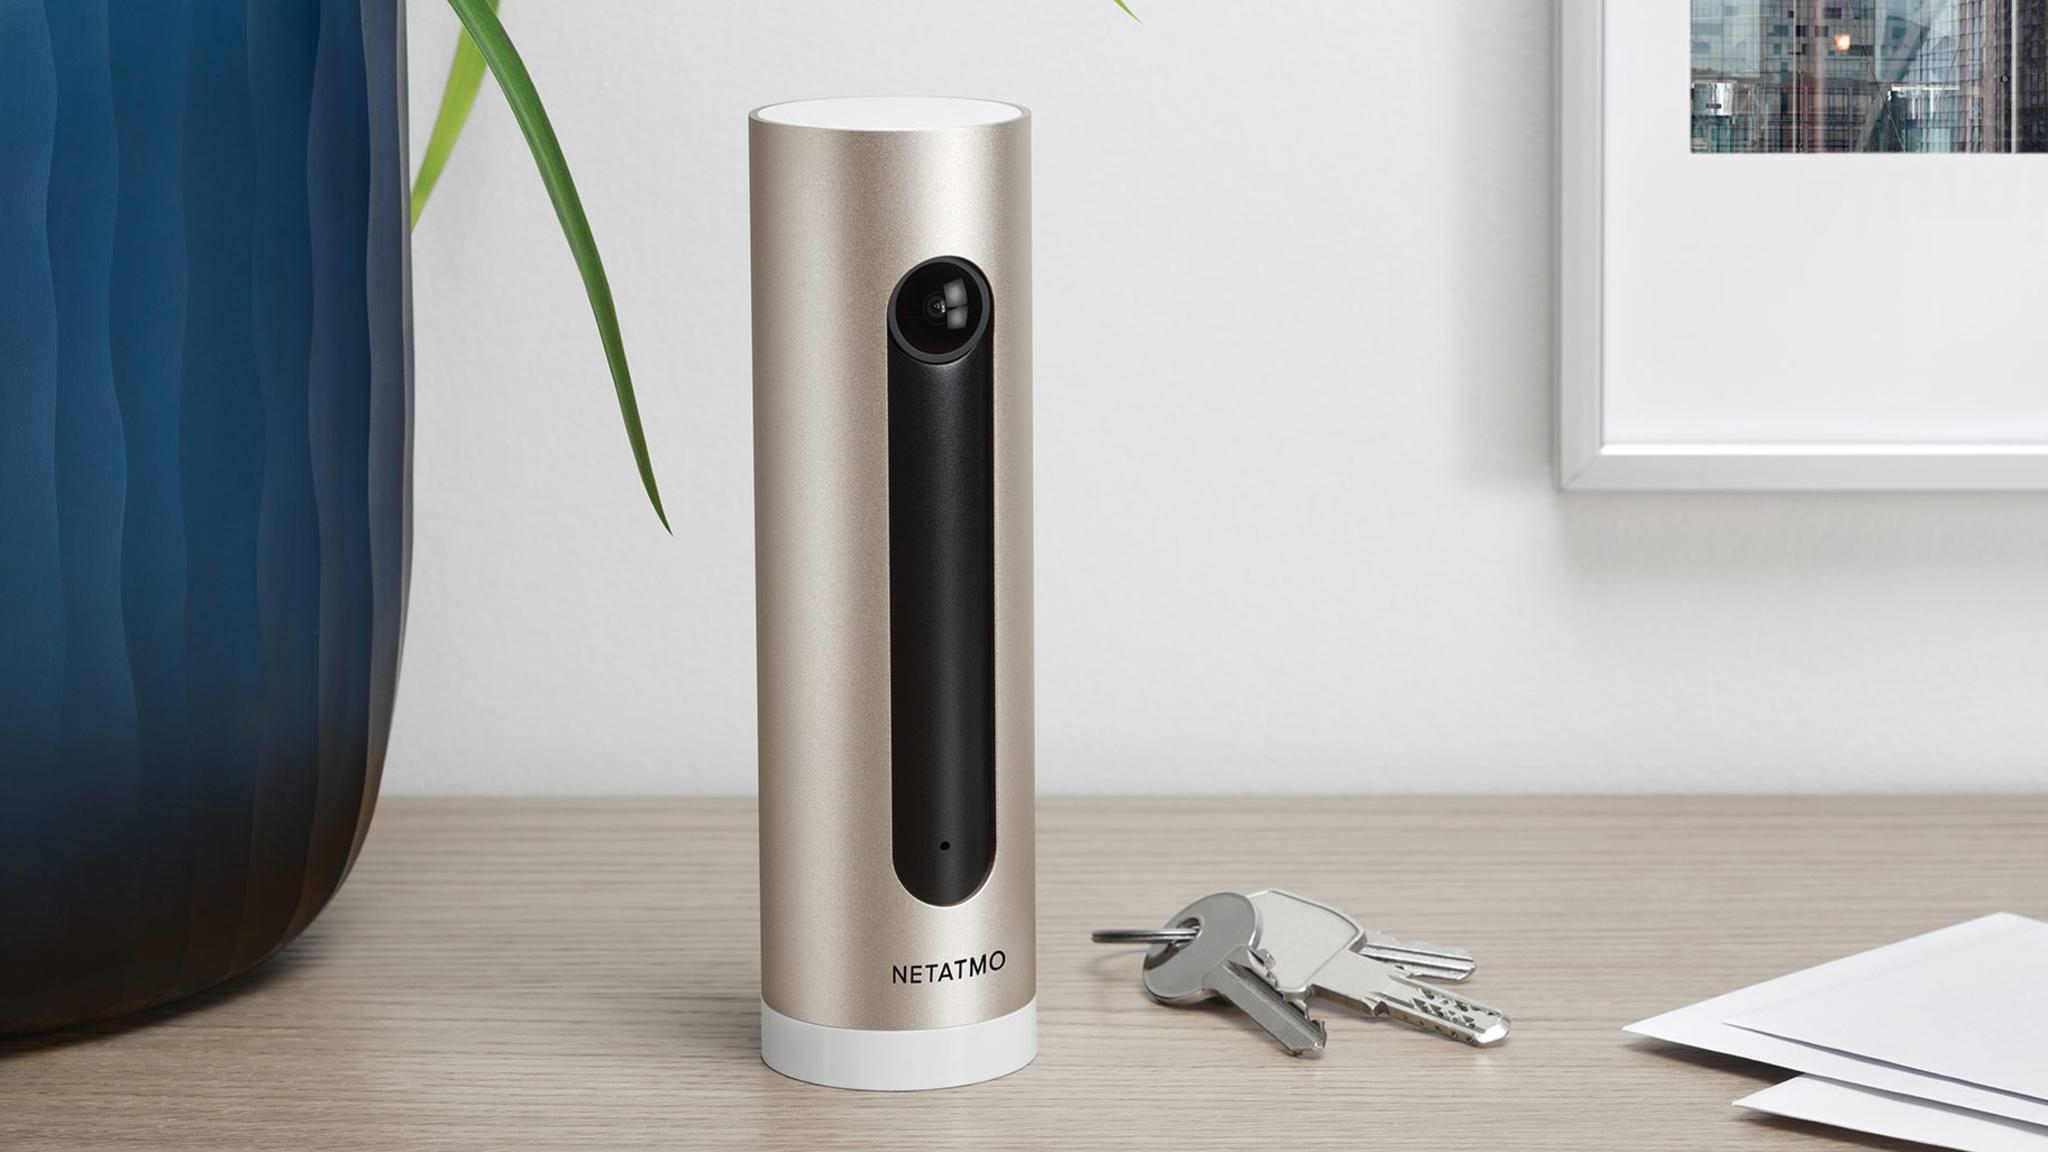 Netatmo zeichnet sich durch smarte und gleichzeitig elegante Produkte aus.